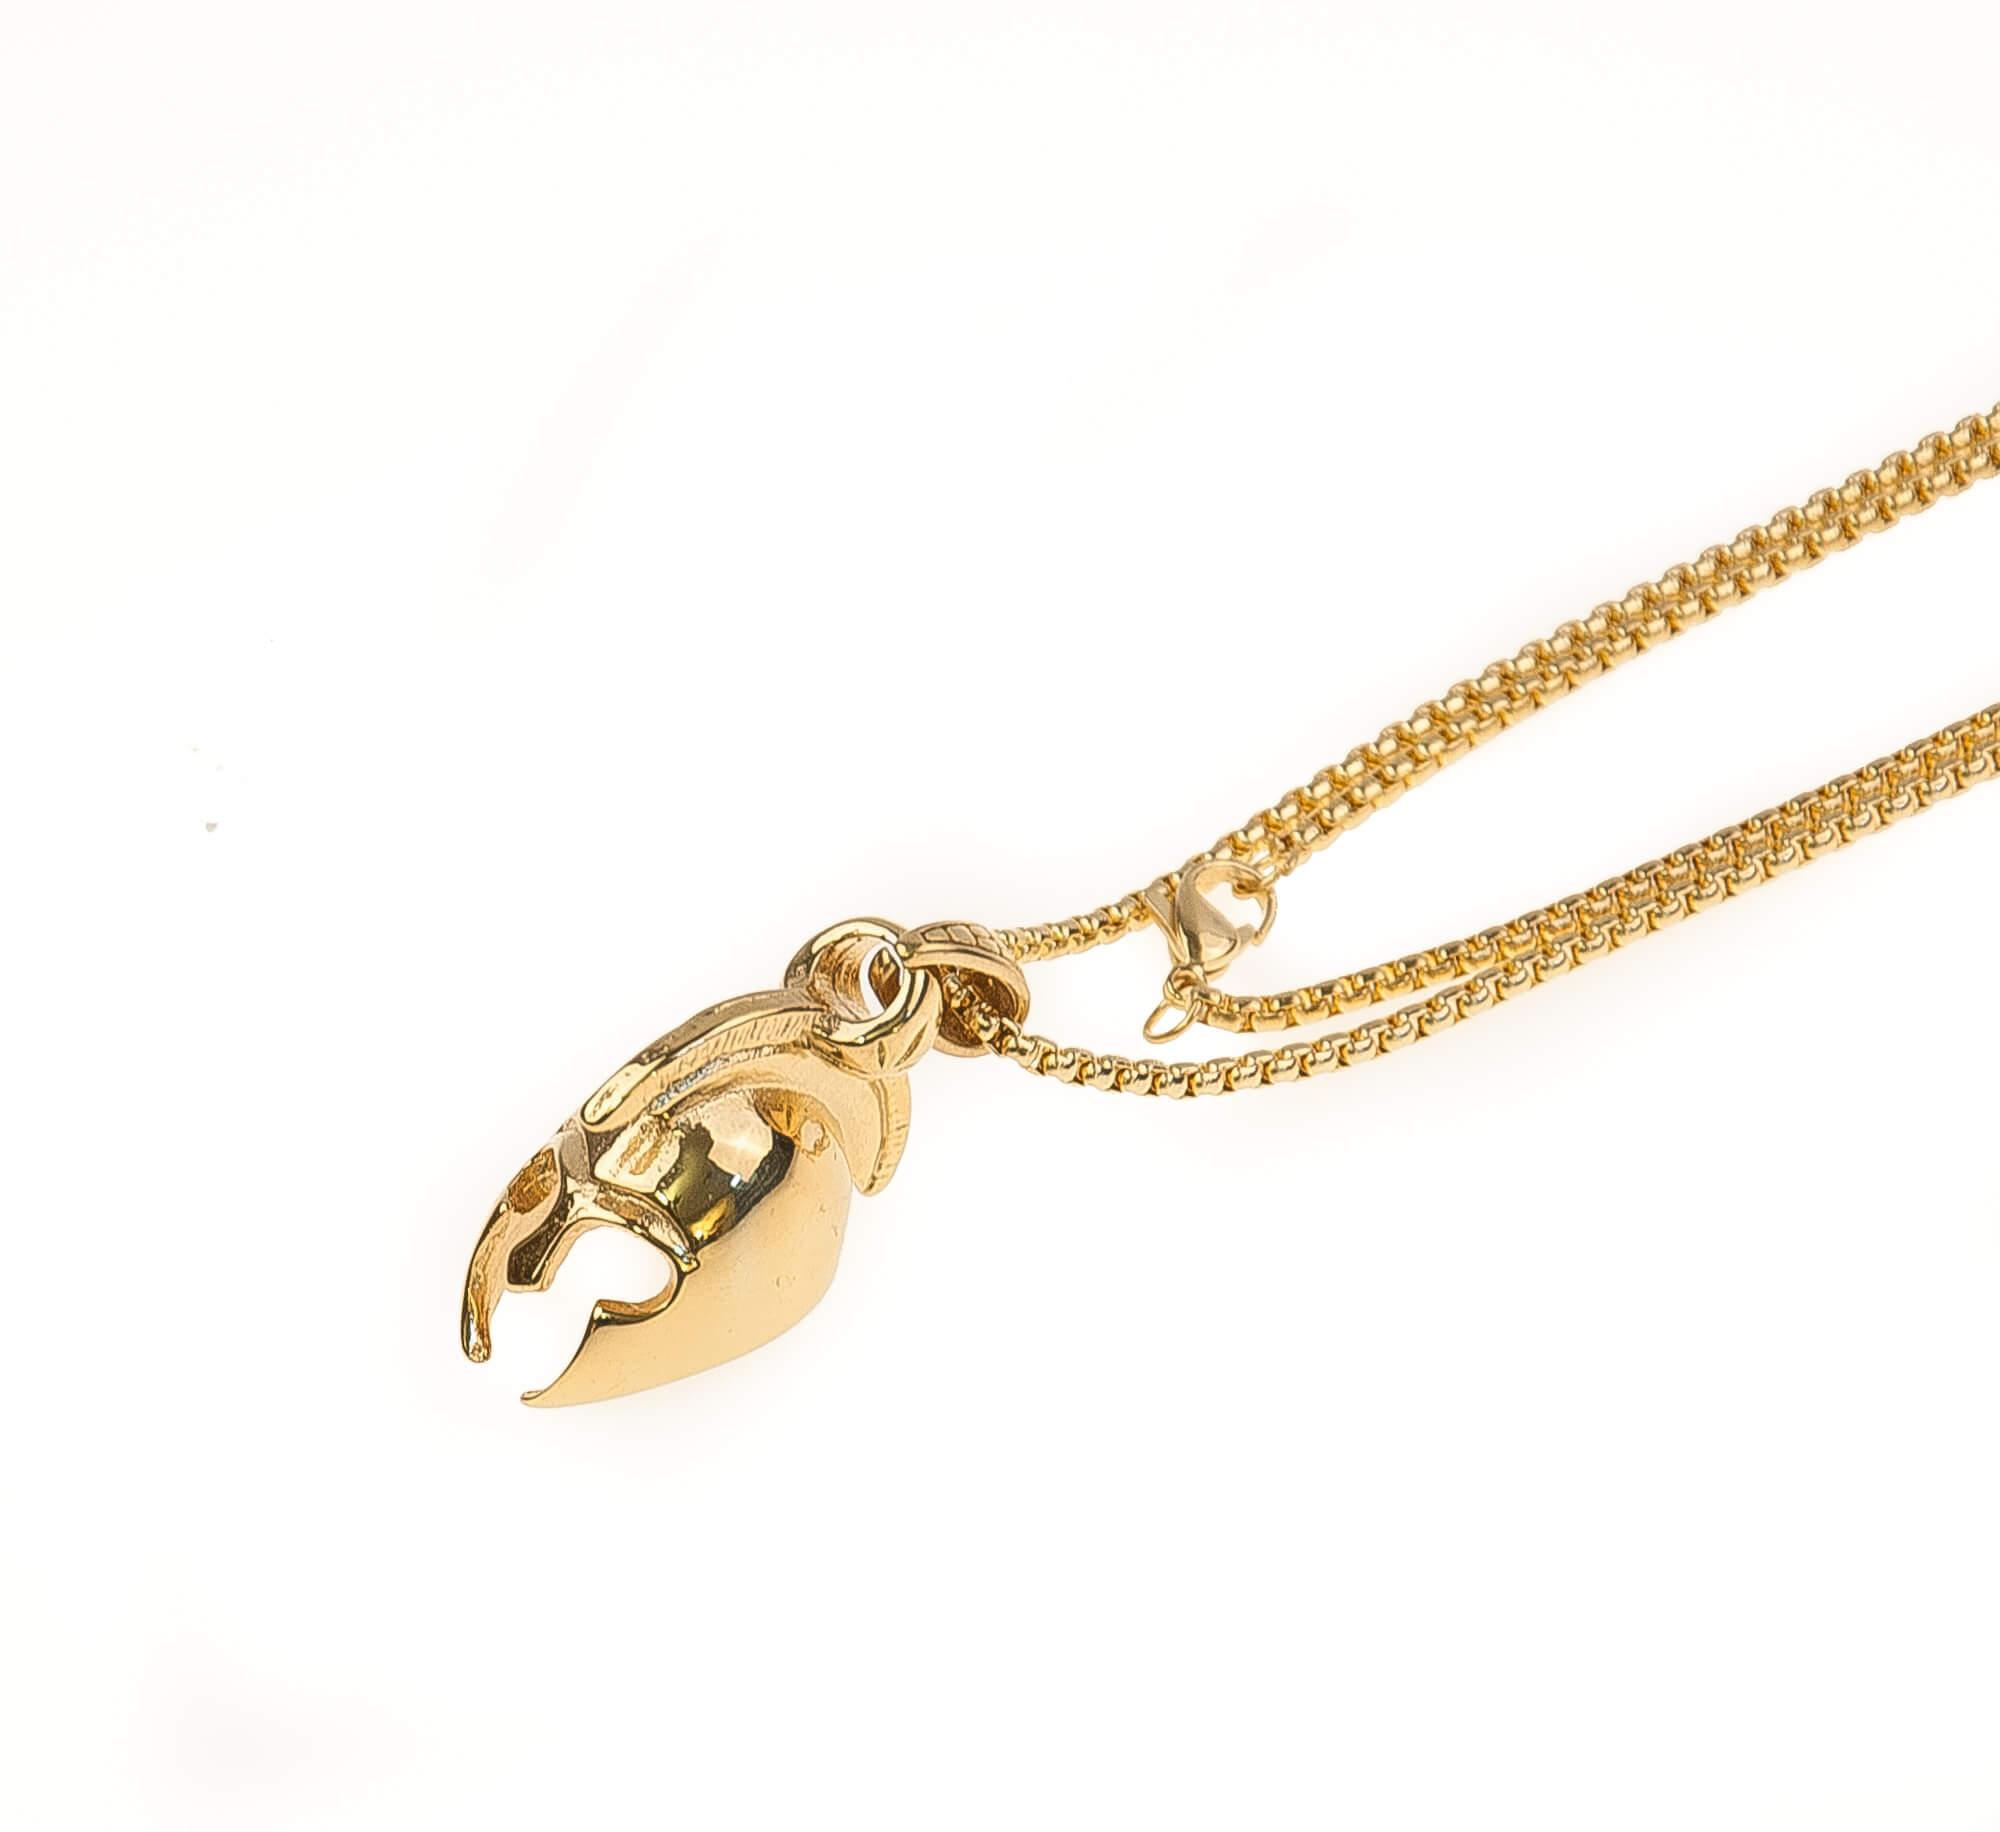 گردنبند استیل طلایی با طرح طلایی NM1030